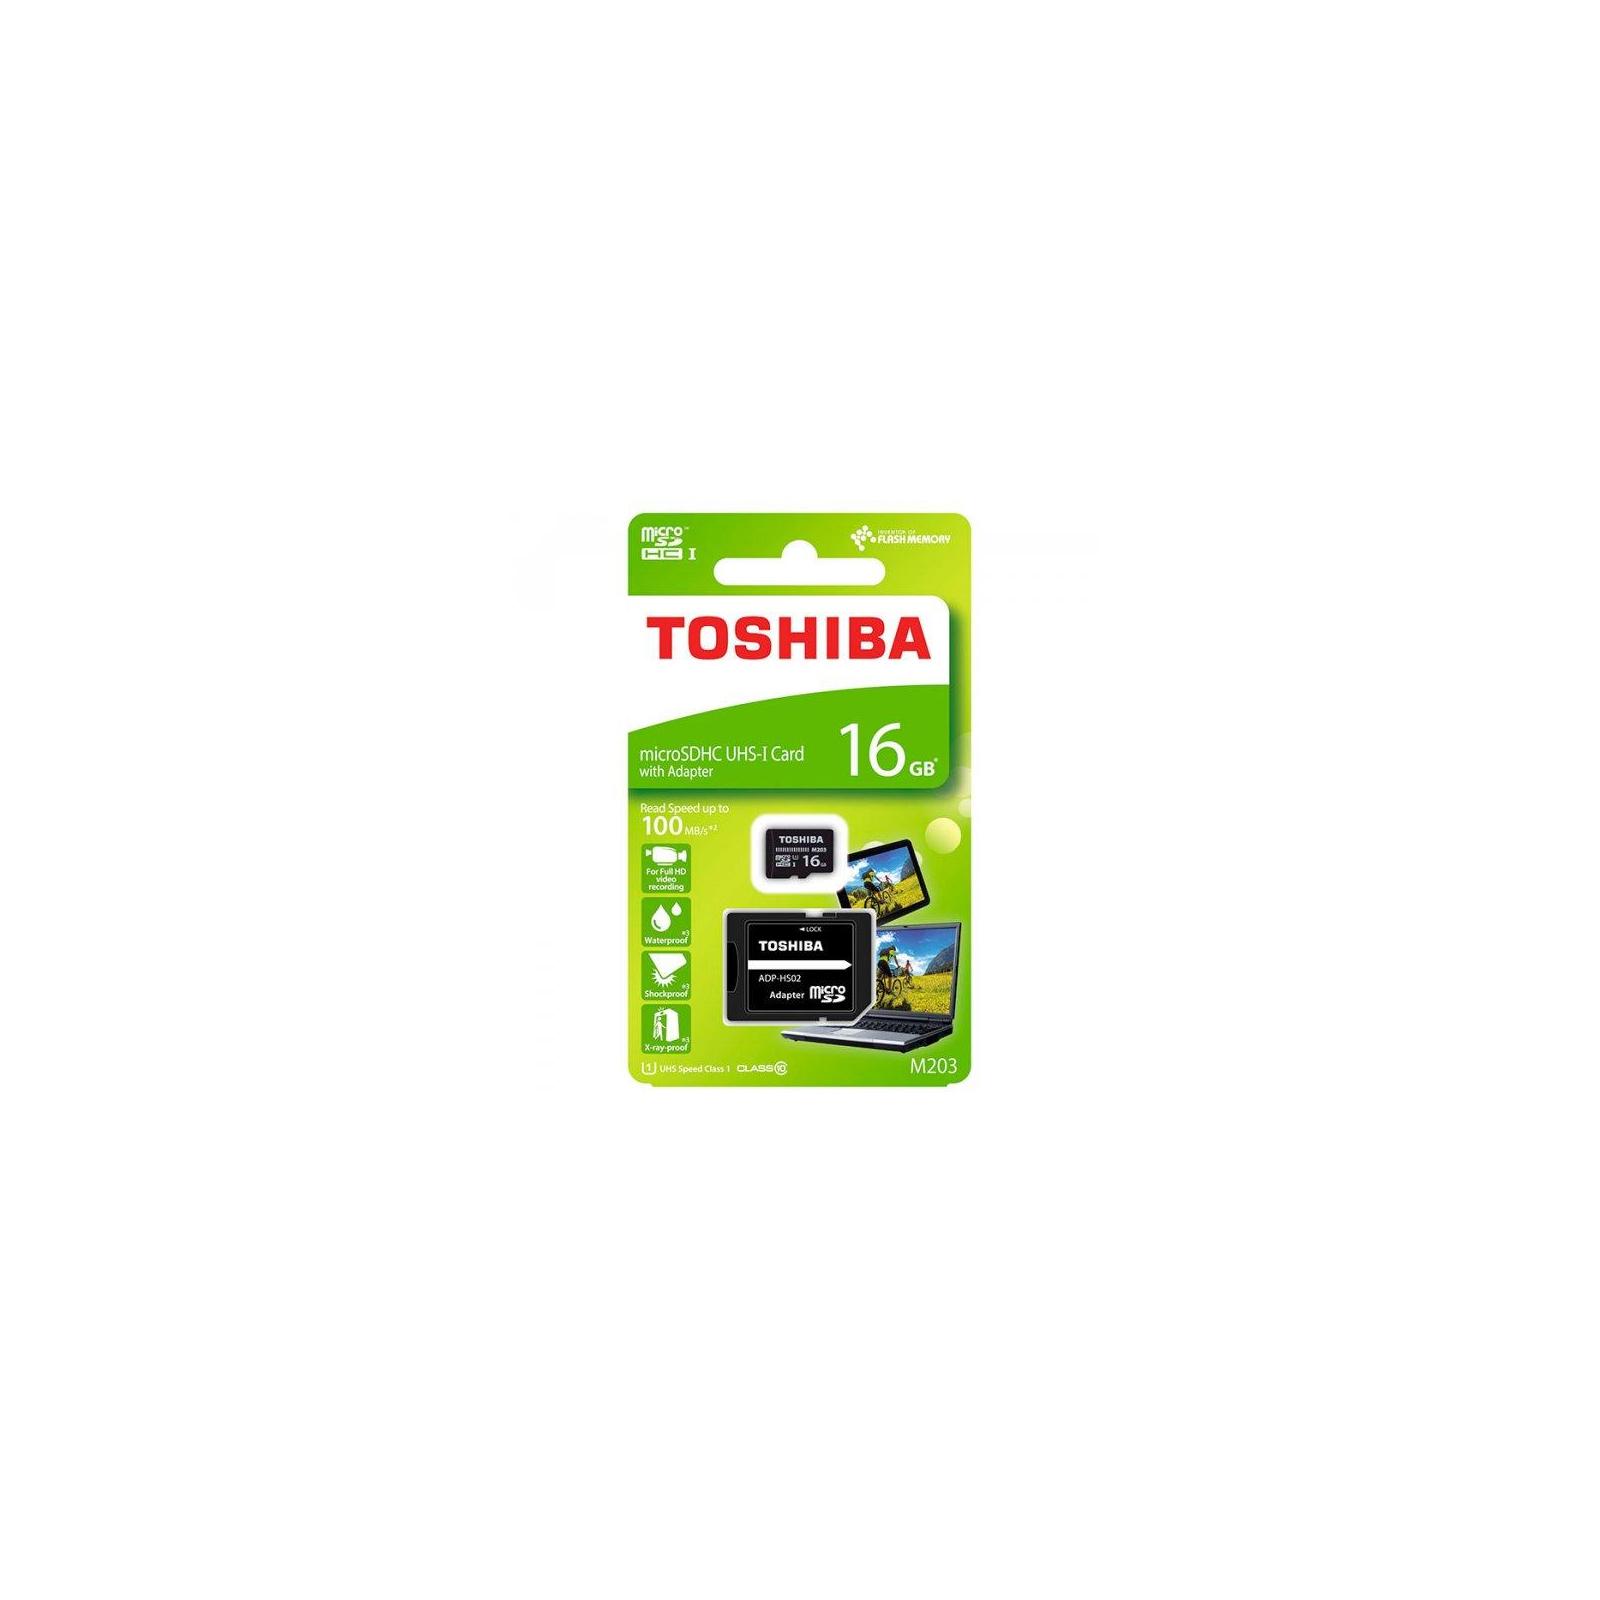 Карта памяти TOSHIBA 16GB microSD class 10 USH-I U1 (THN-M203K0160EA) изображение 3